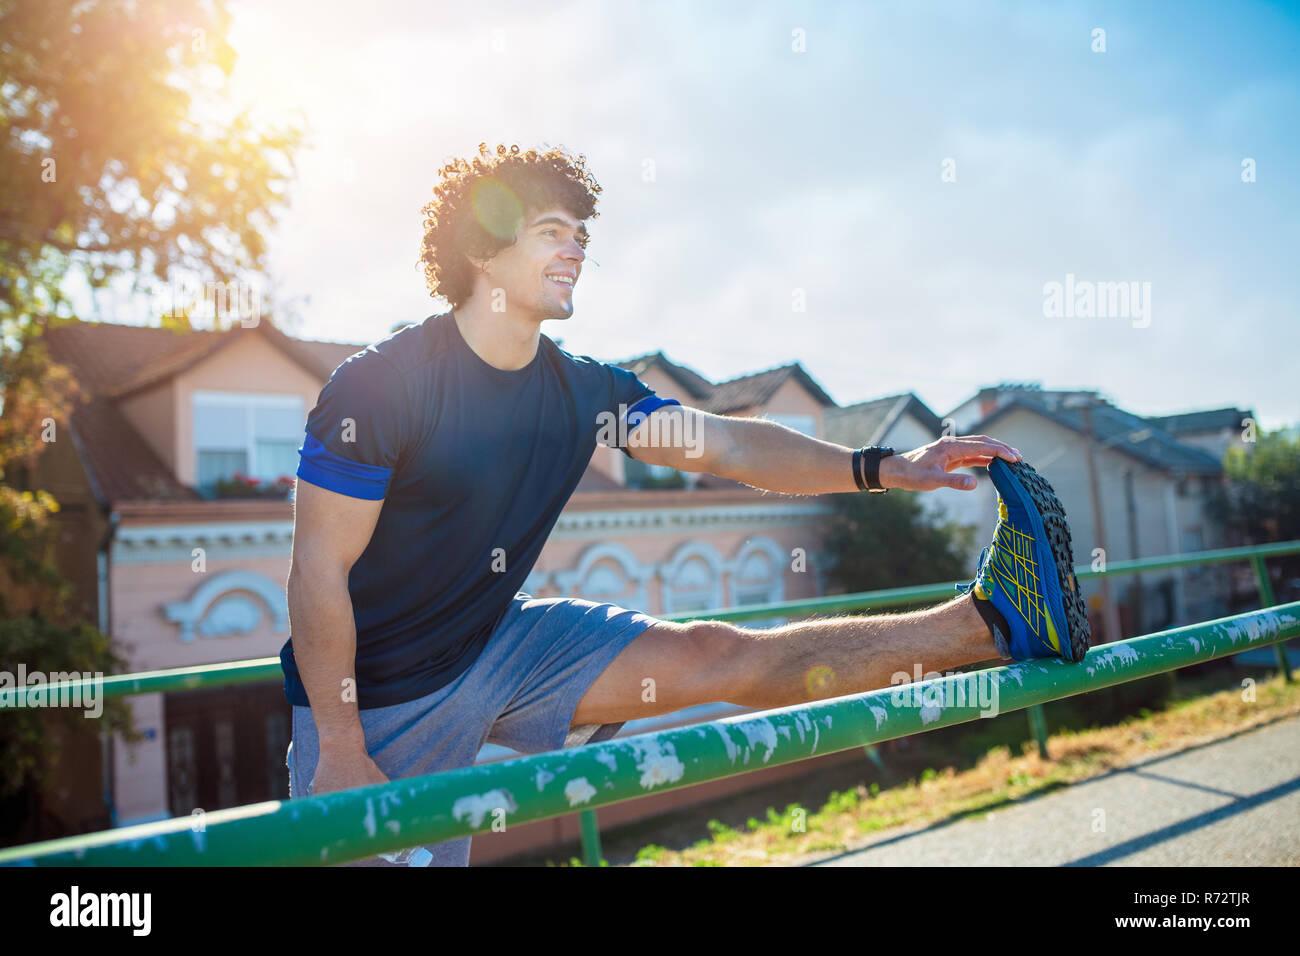 Lächelnd fitness Mann zu tun stretching Übung, die Vorbereitung für Training im Park Stockfoto